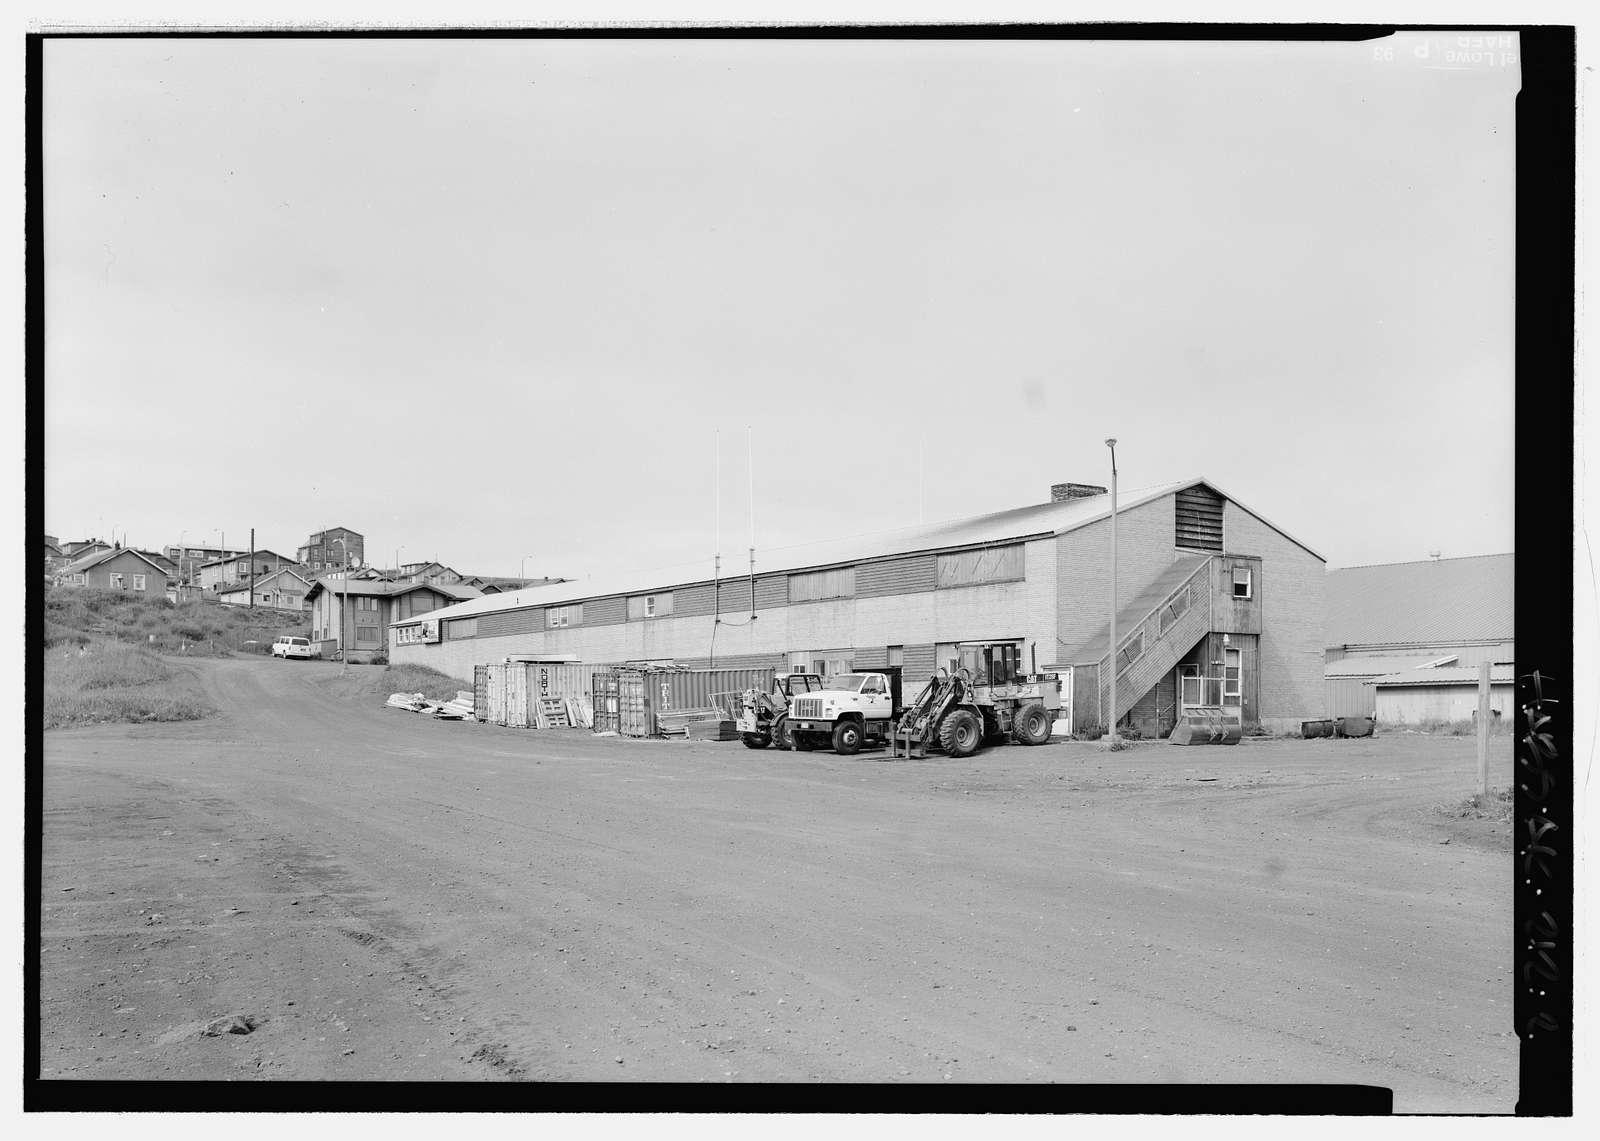 Alaska Commercial Company Store, Tolstoi Boulevard, Saint Paul, Aleutians West Census Area, AK